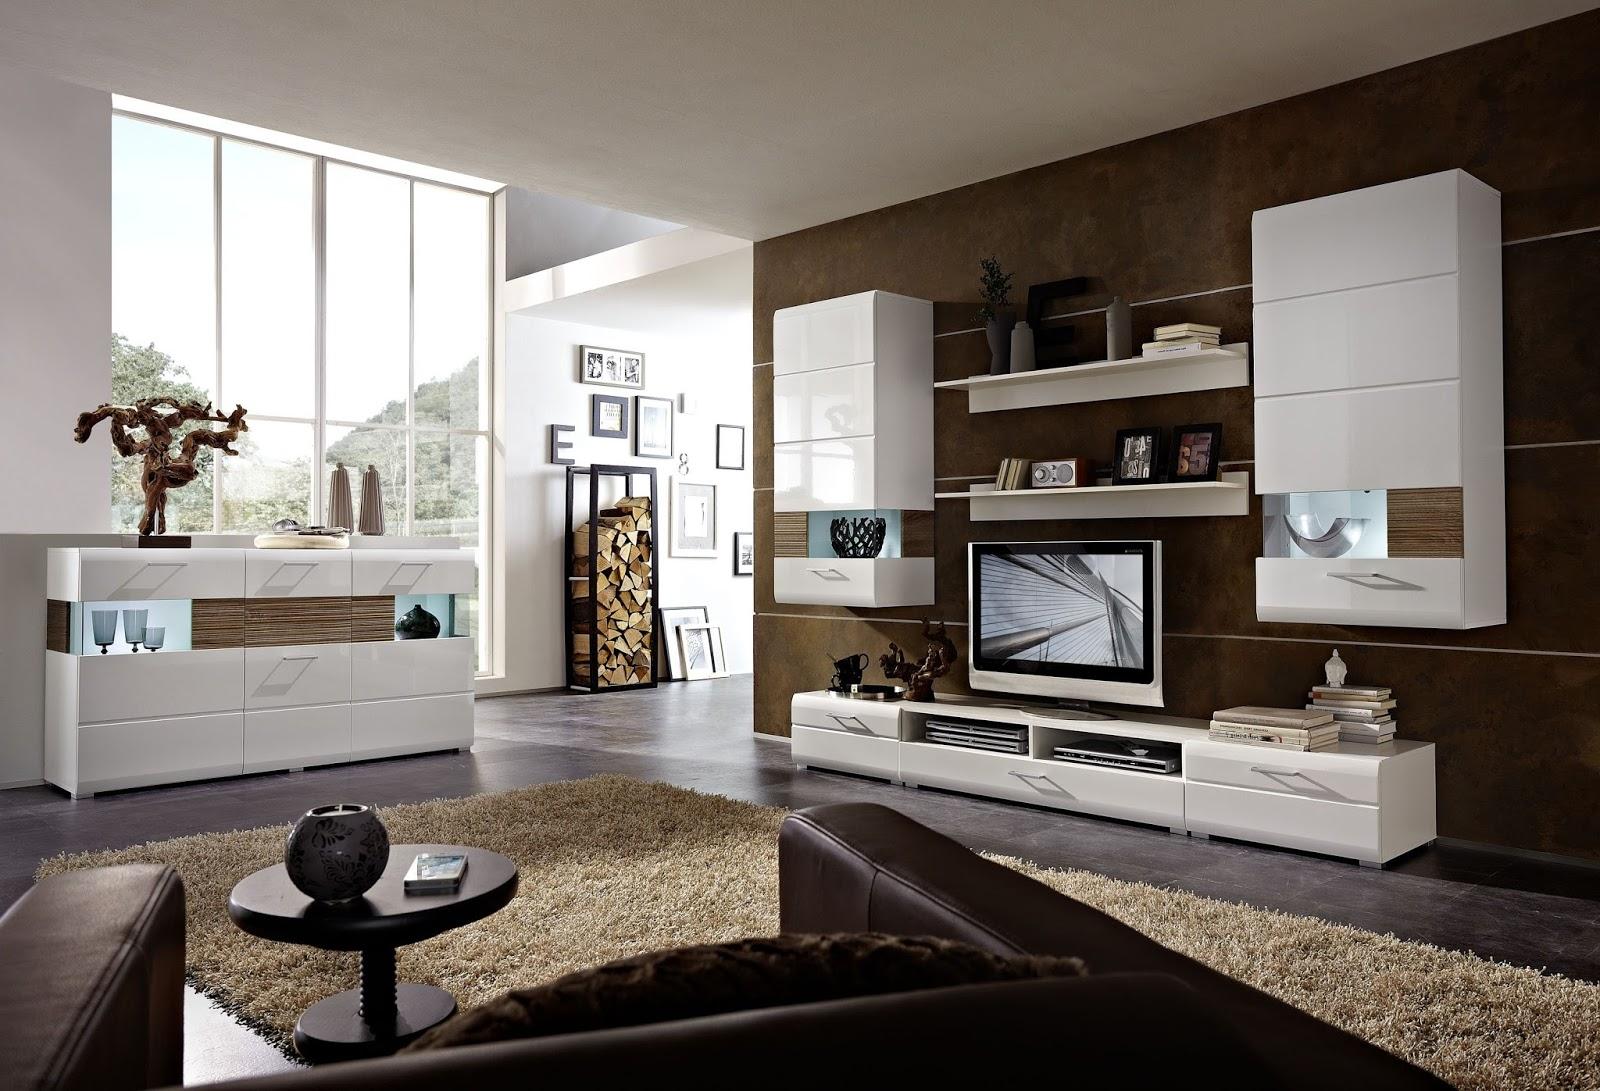 wohnzimmer einrichtung modern - Home Creation